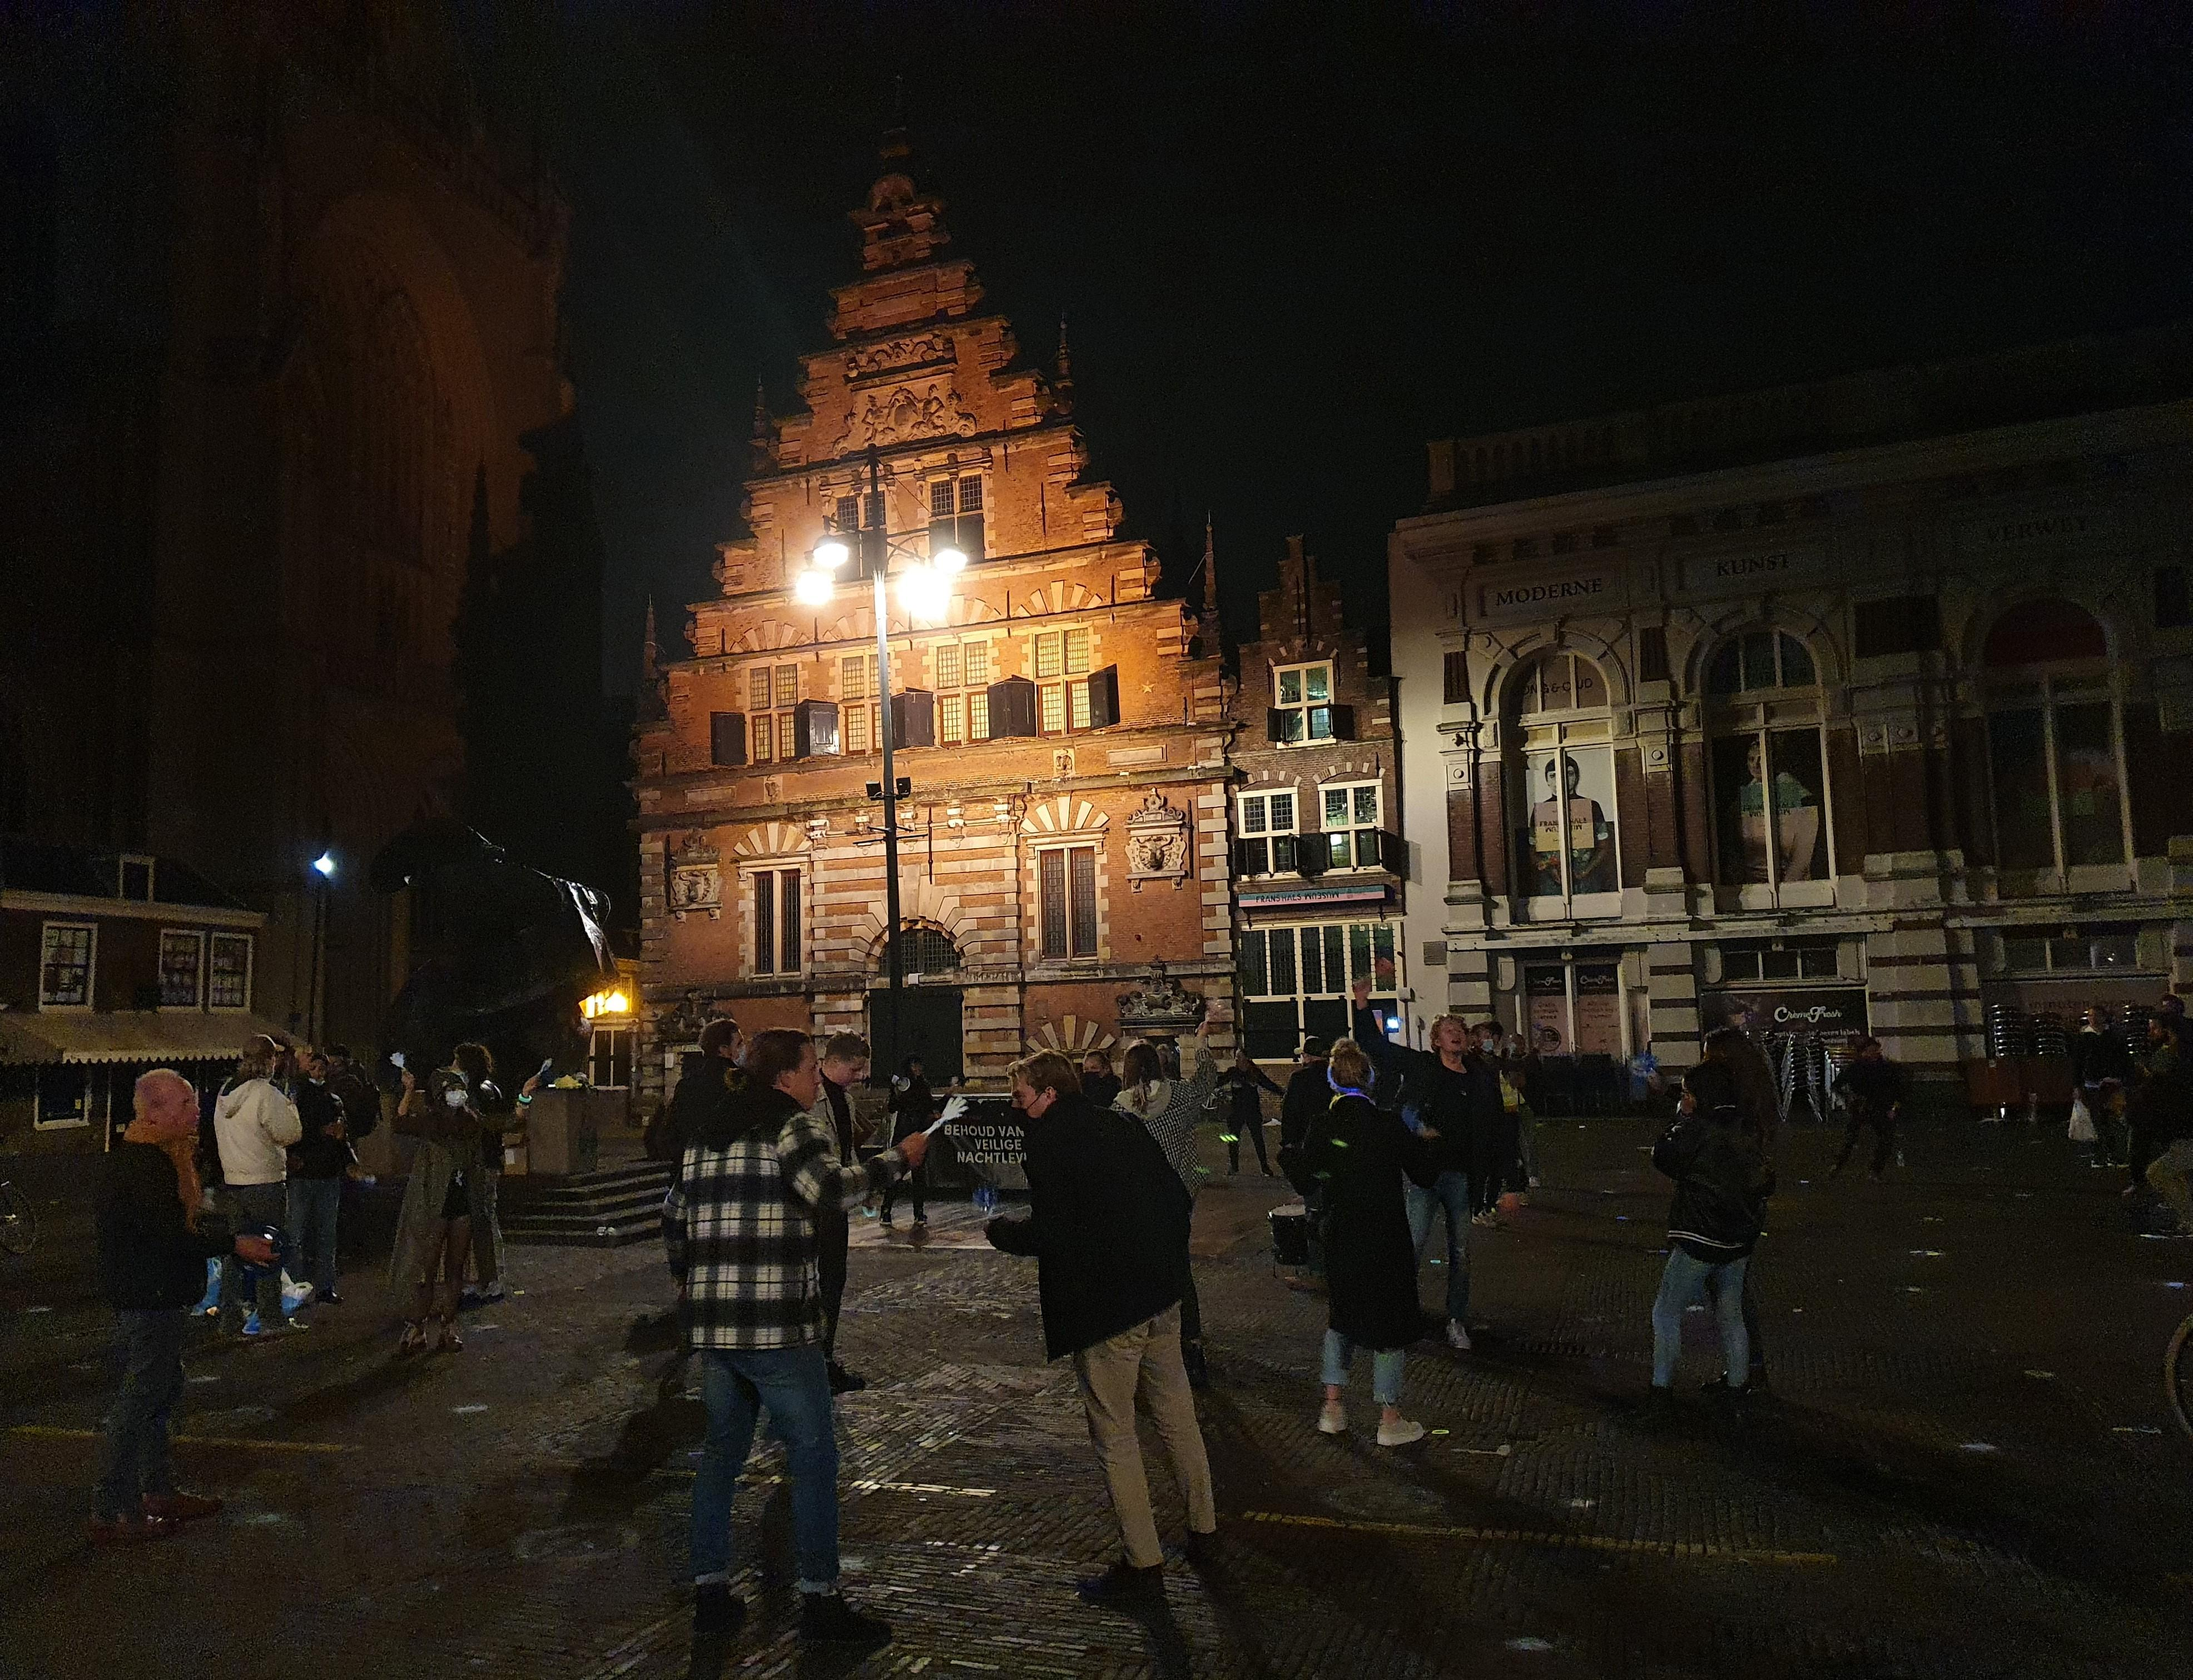 Klepperen en klapperen met voorwerpen op de Grote Markt: protestactie tegen vervroegde sluiting horeca vredig verlopen